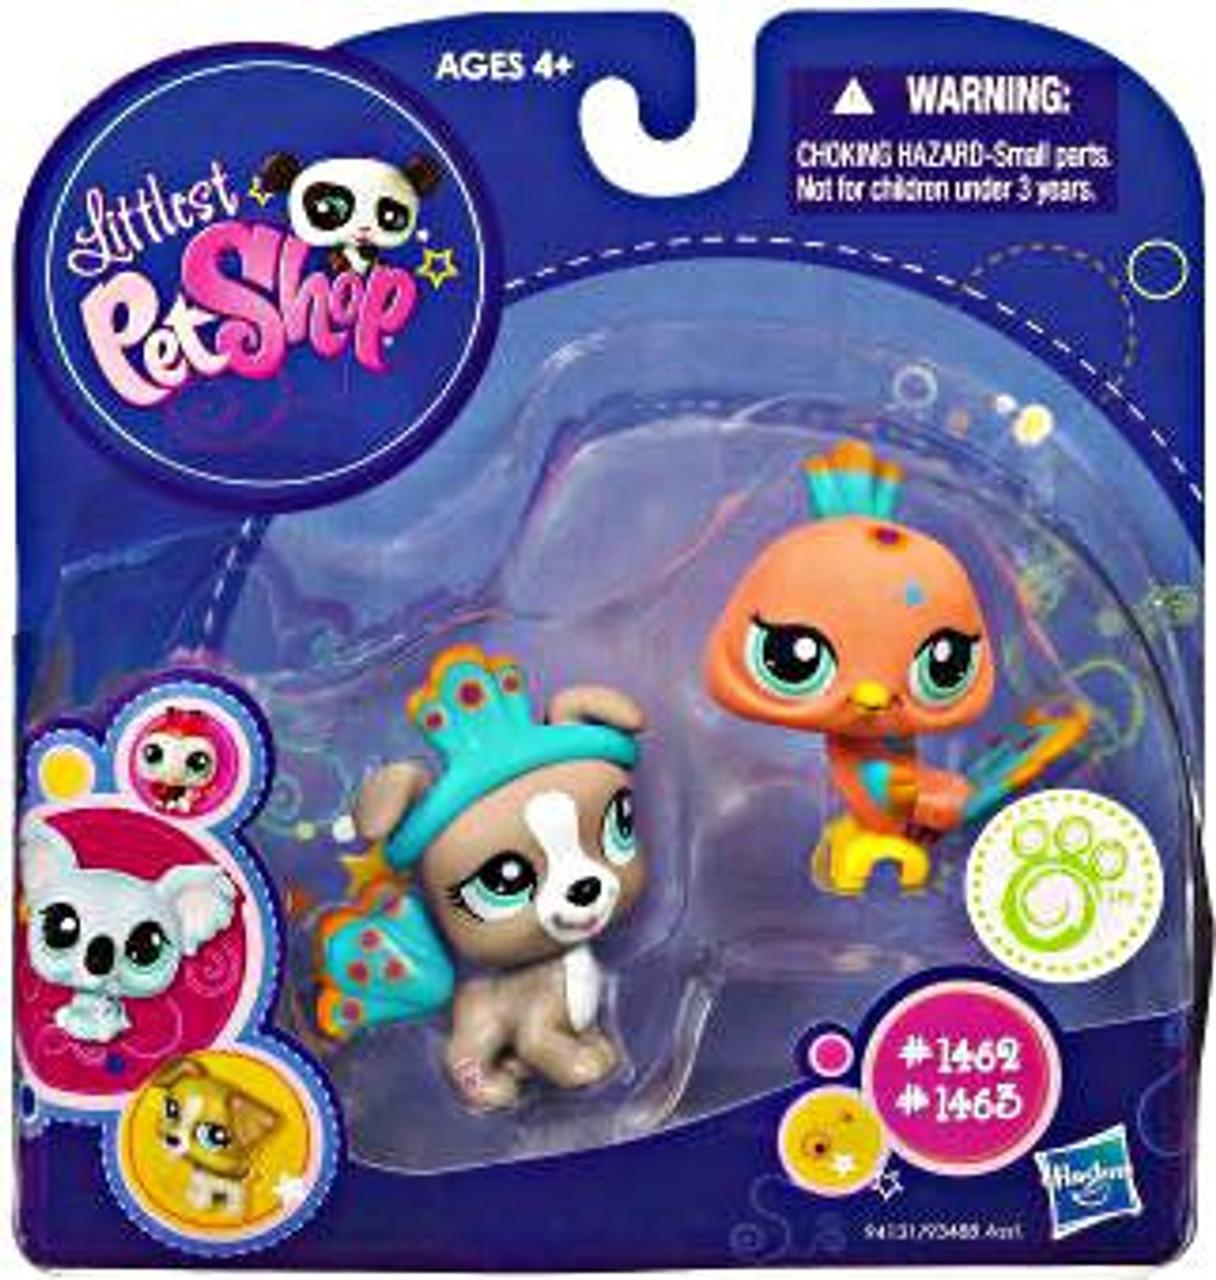 Littlest Pet Shop 2010 Assortment B Series 3 Peacock & Pitbull Figure 2-Pack #1462, 1463